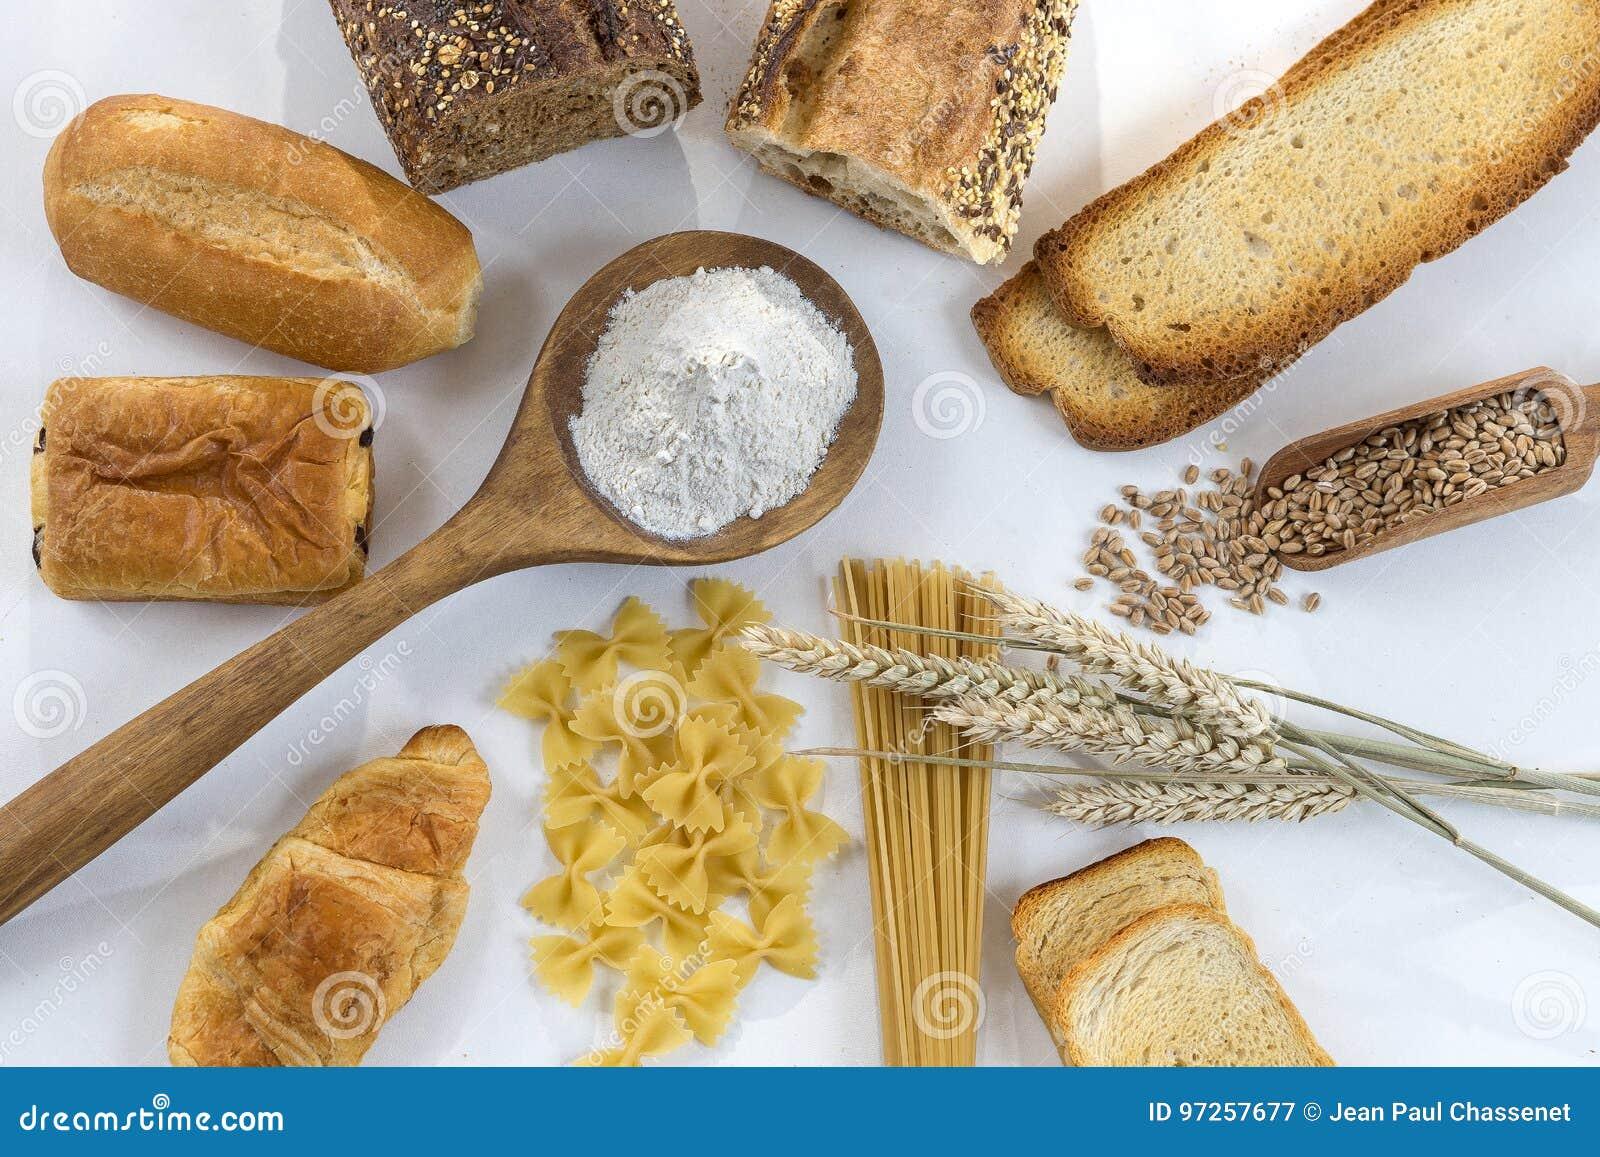 Lebensmittel mit Glutenbasis auf weißem und ganzem Boden, auf weißem Hintergrund